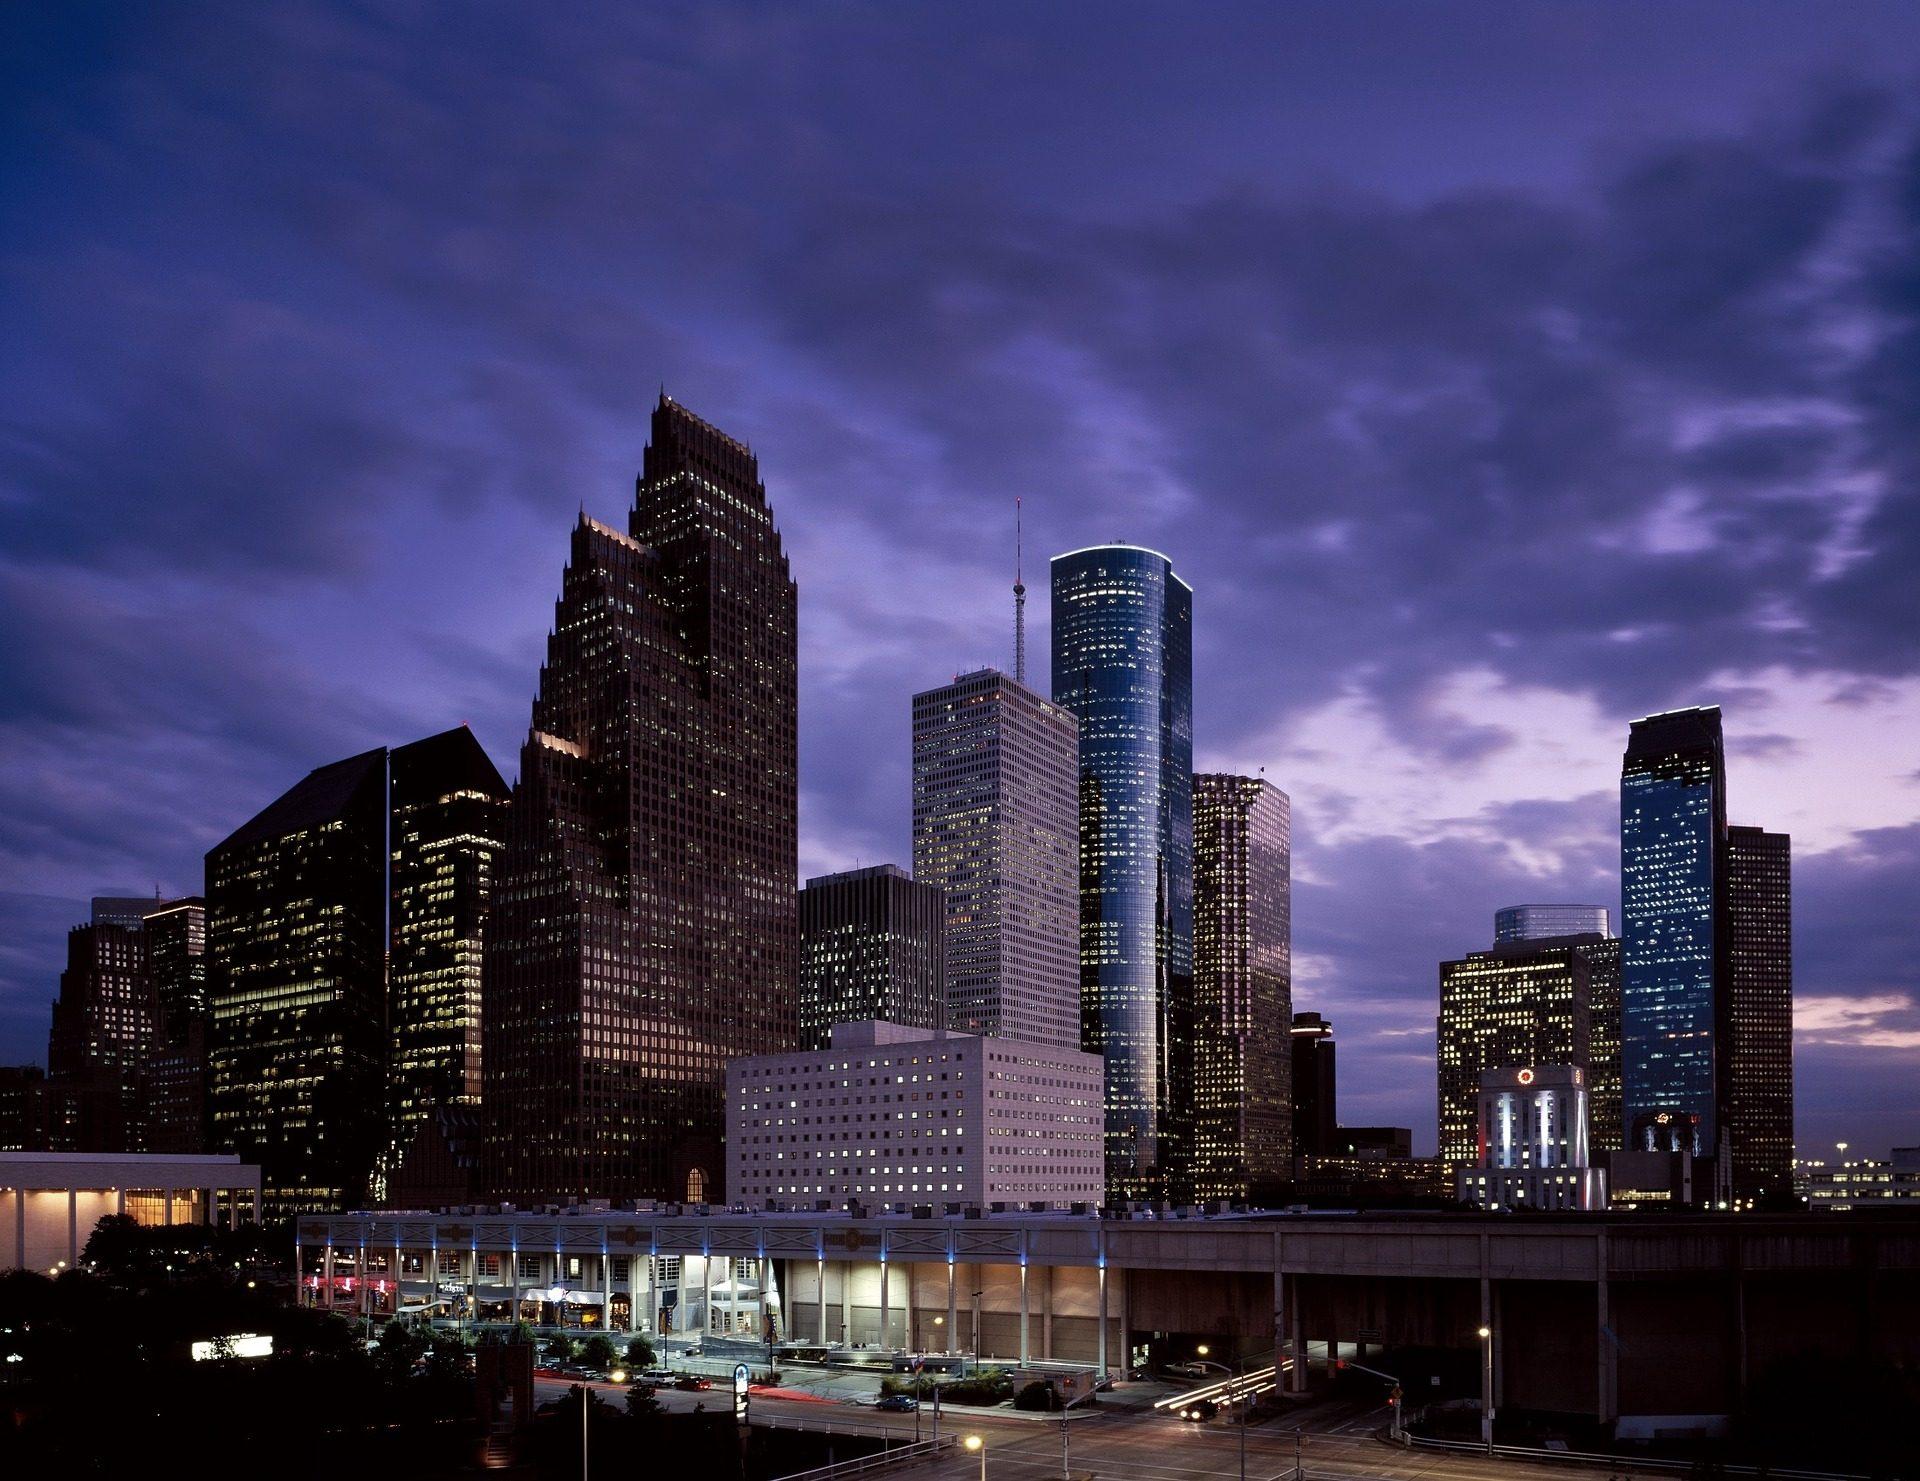 مدينة, المباني, ناطحة سحاب, أفق, ليلة, أضواء - خلفيات عالية الدقة - أستاذ falken.com